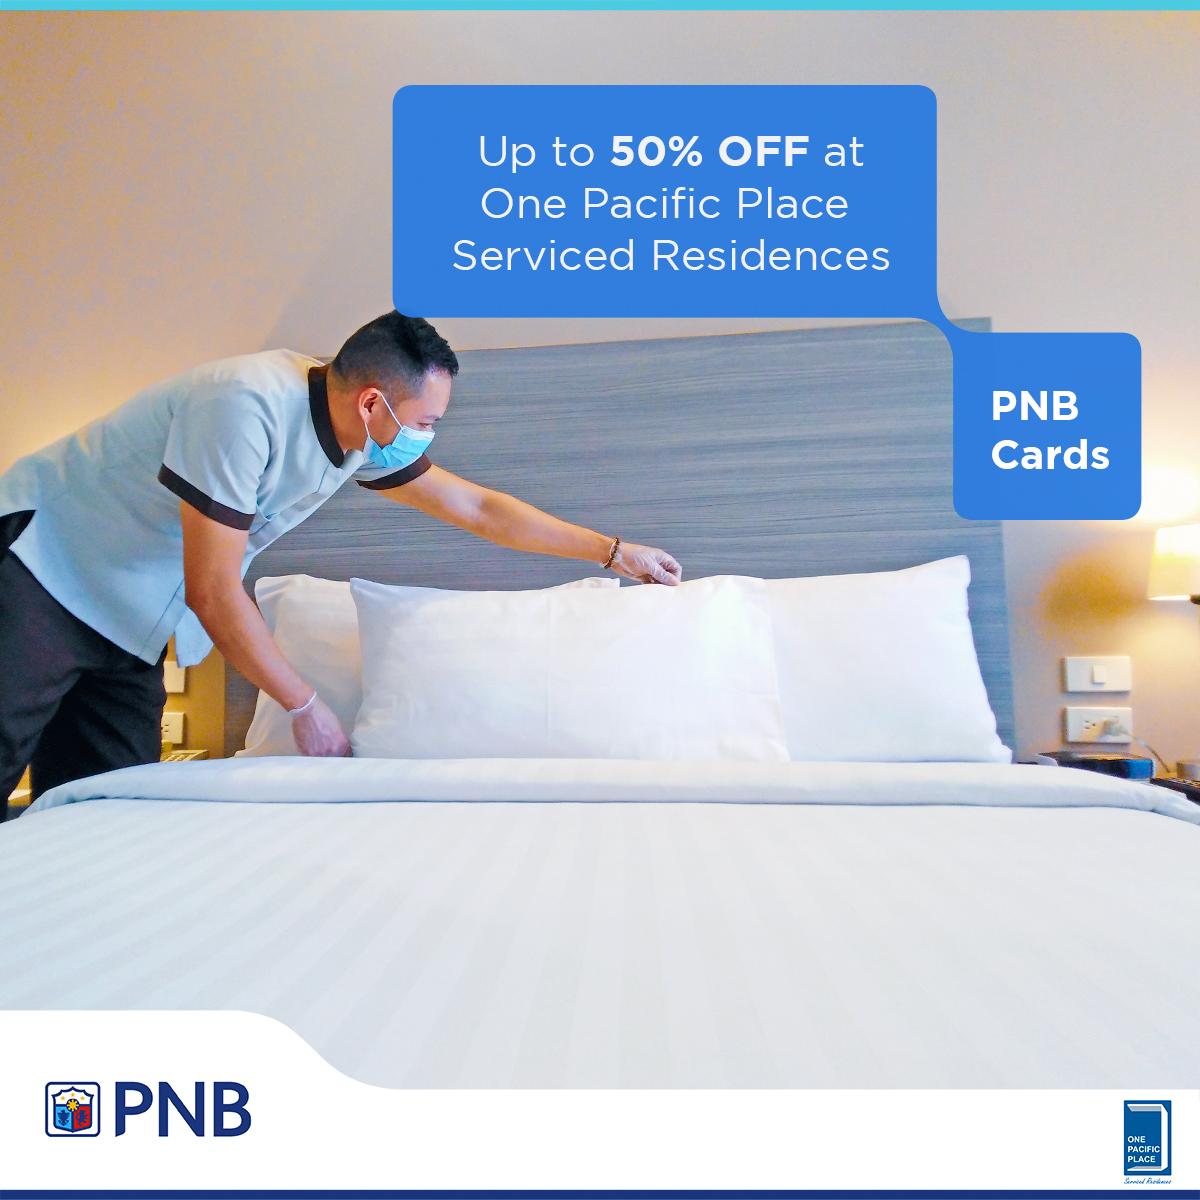 PNB travel deals